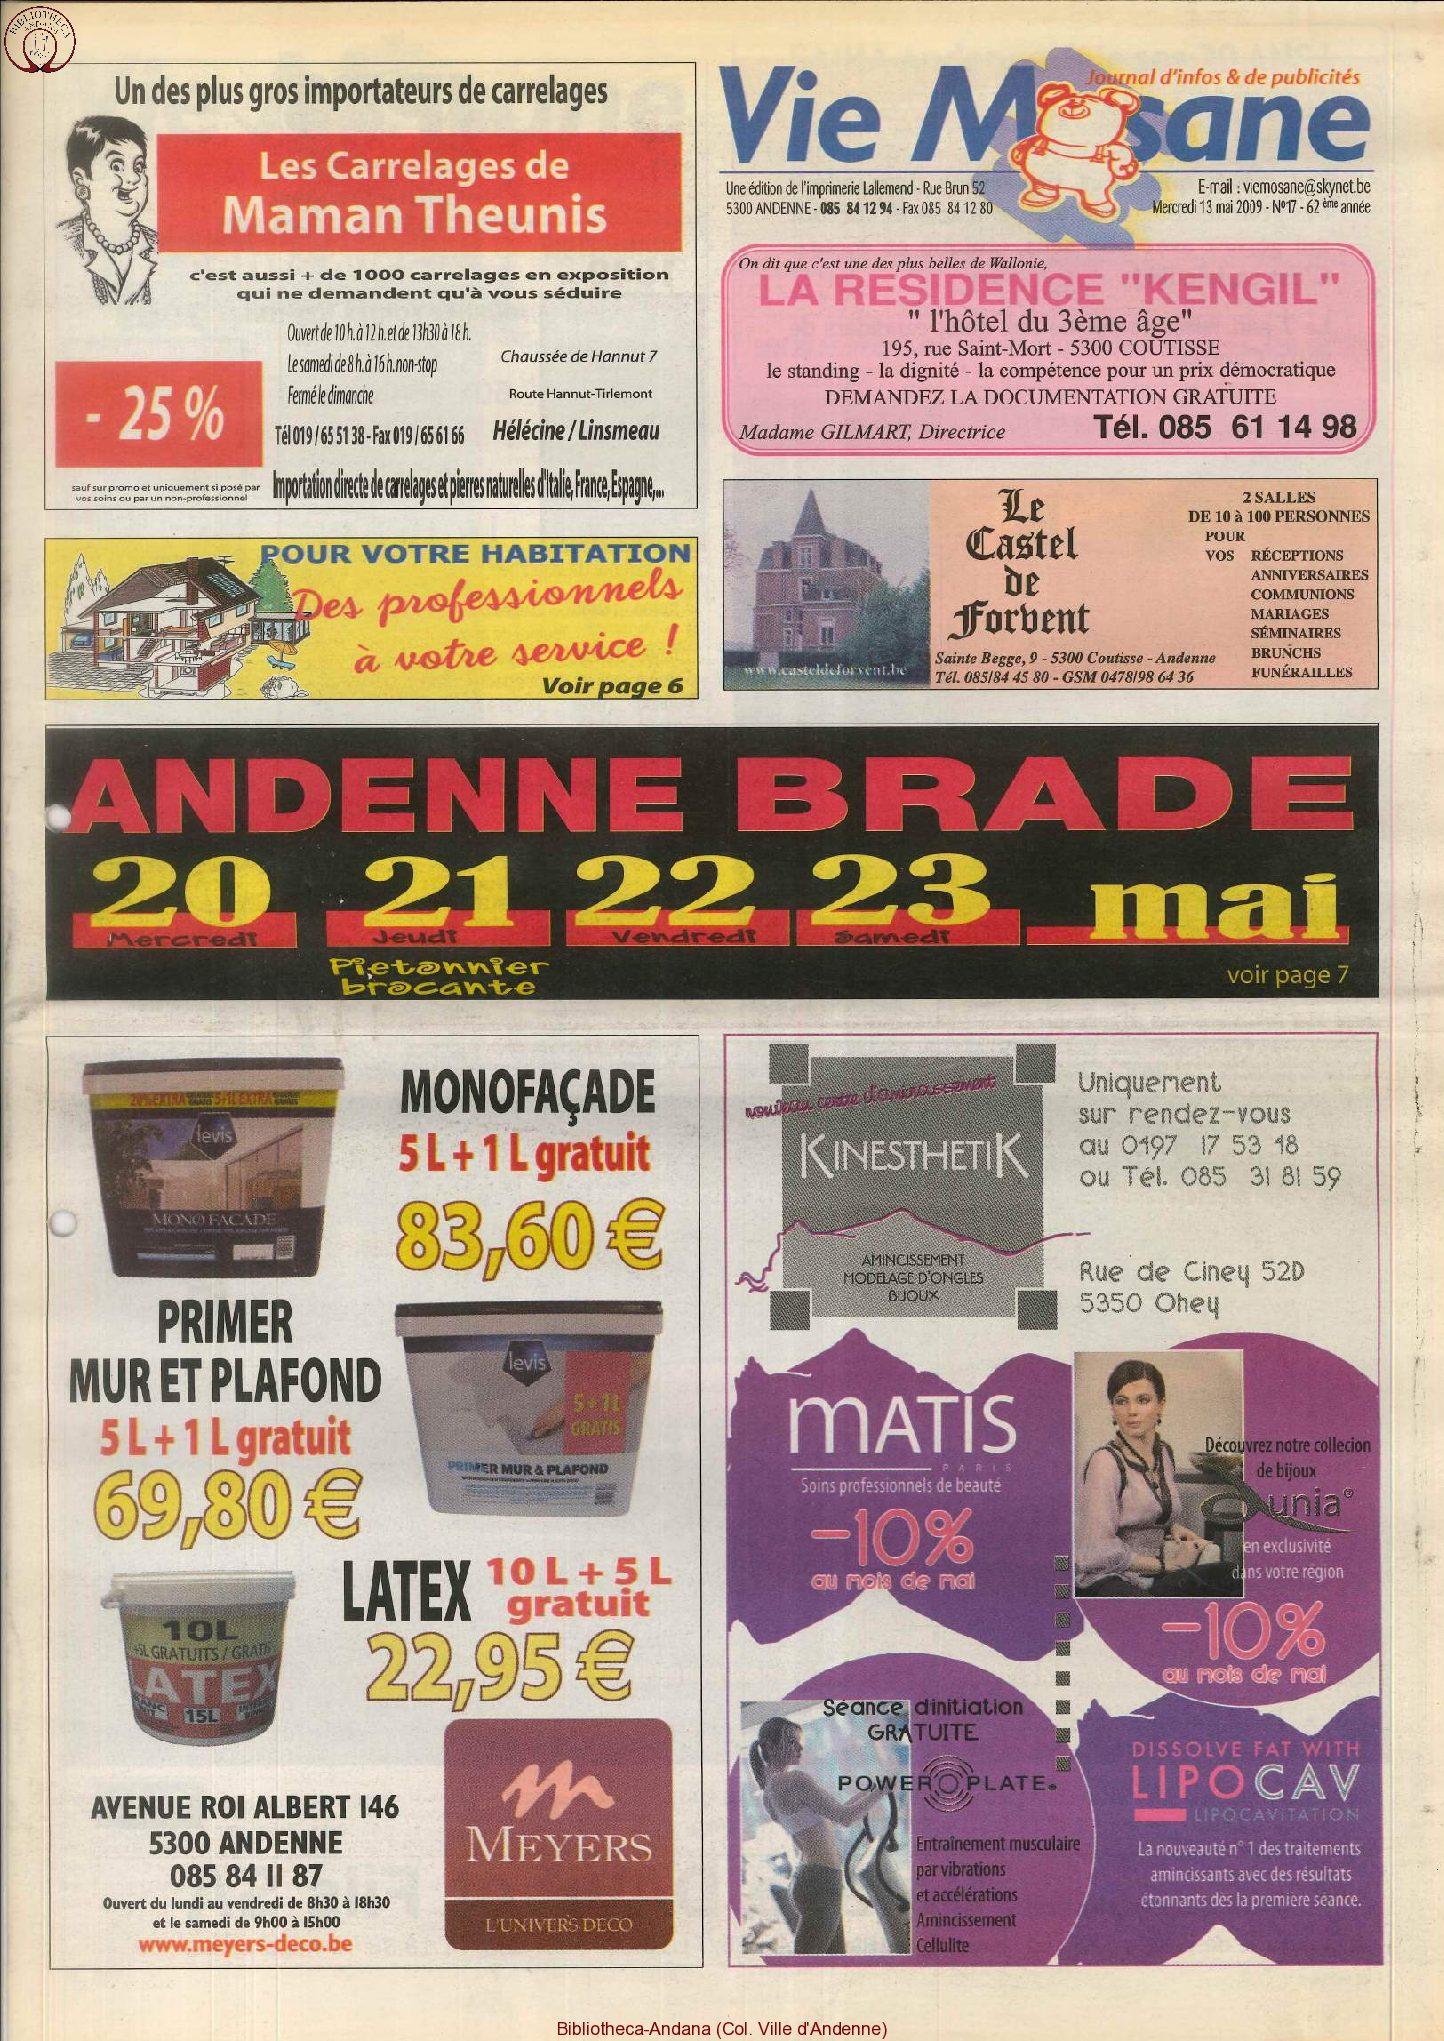 62e année - n°17 - 13 mai 2009